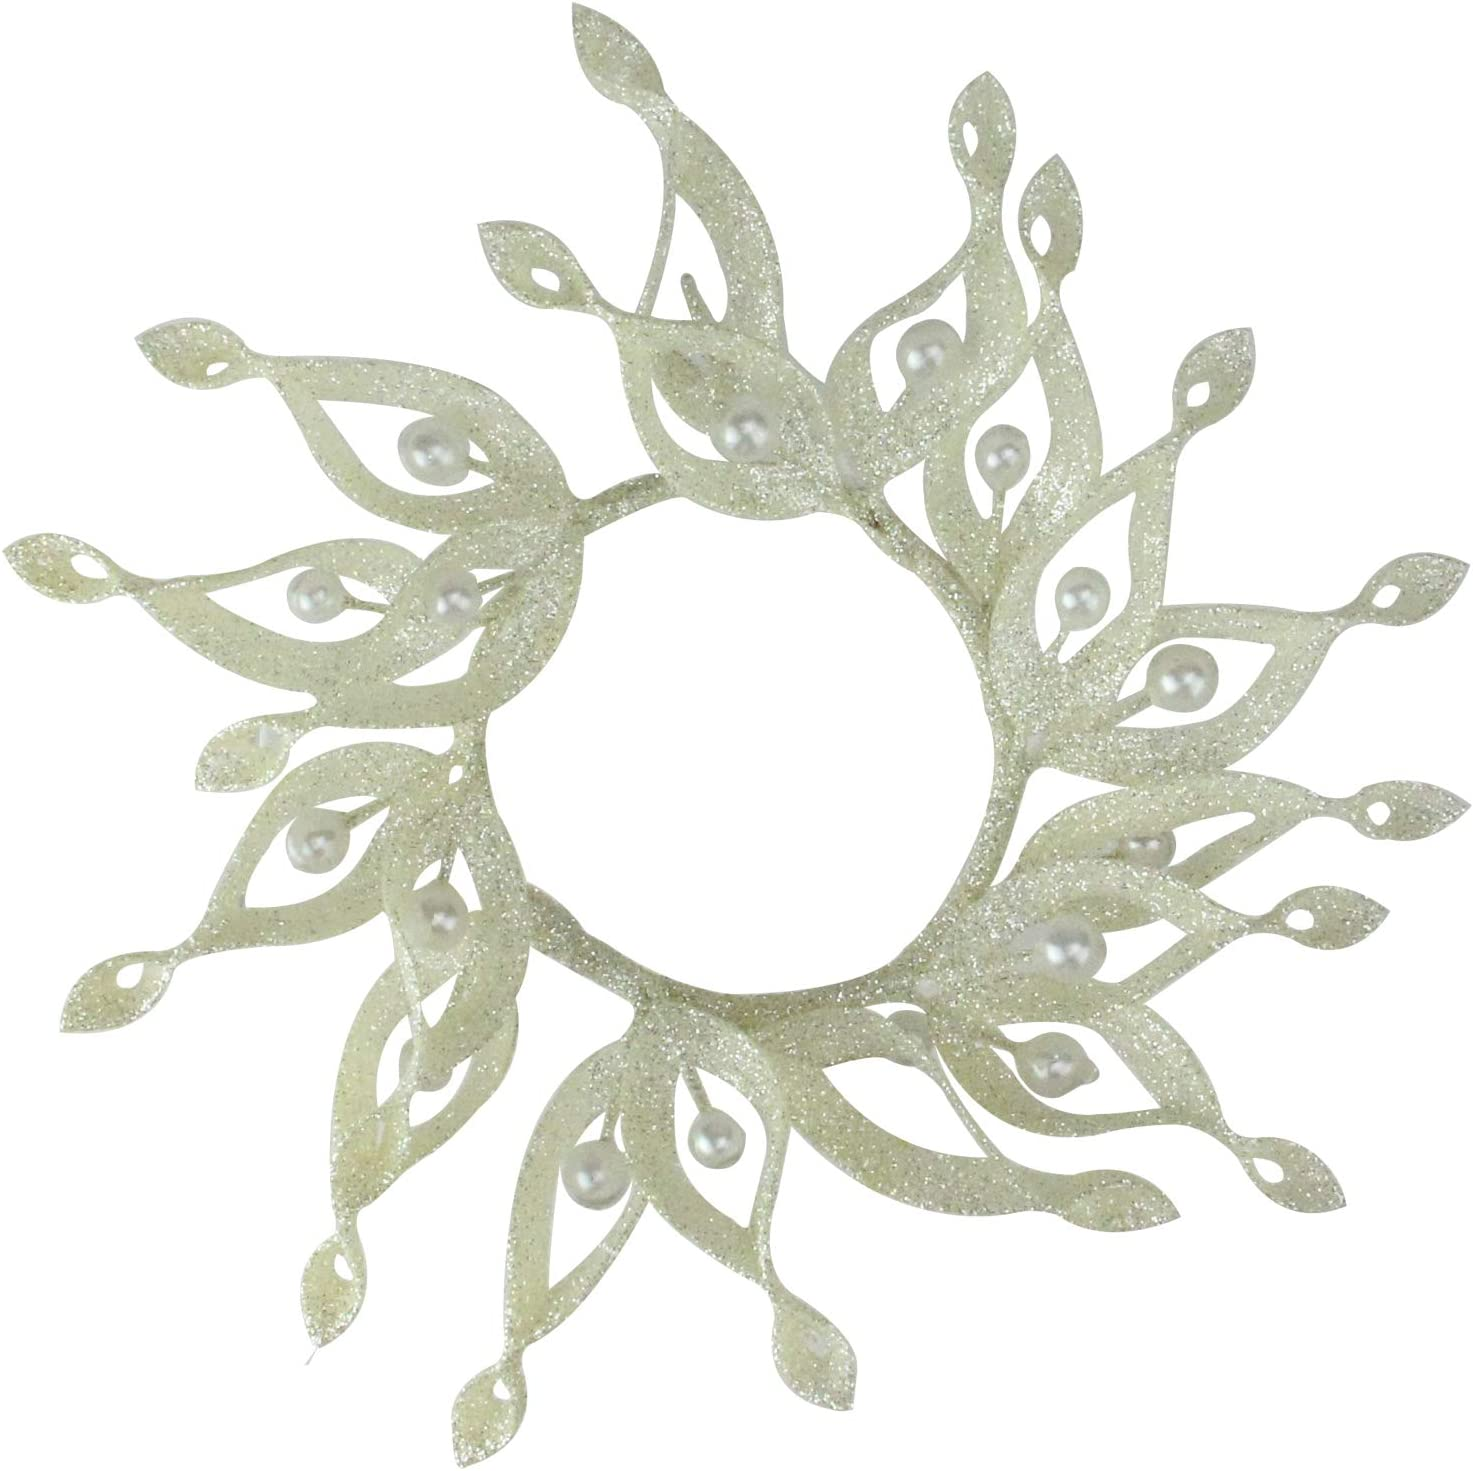 Melrose 9 Sparkling Whites Glittered White Christmas Candle Ring Holder